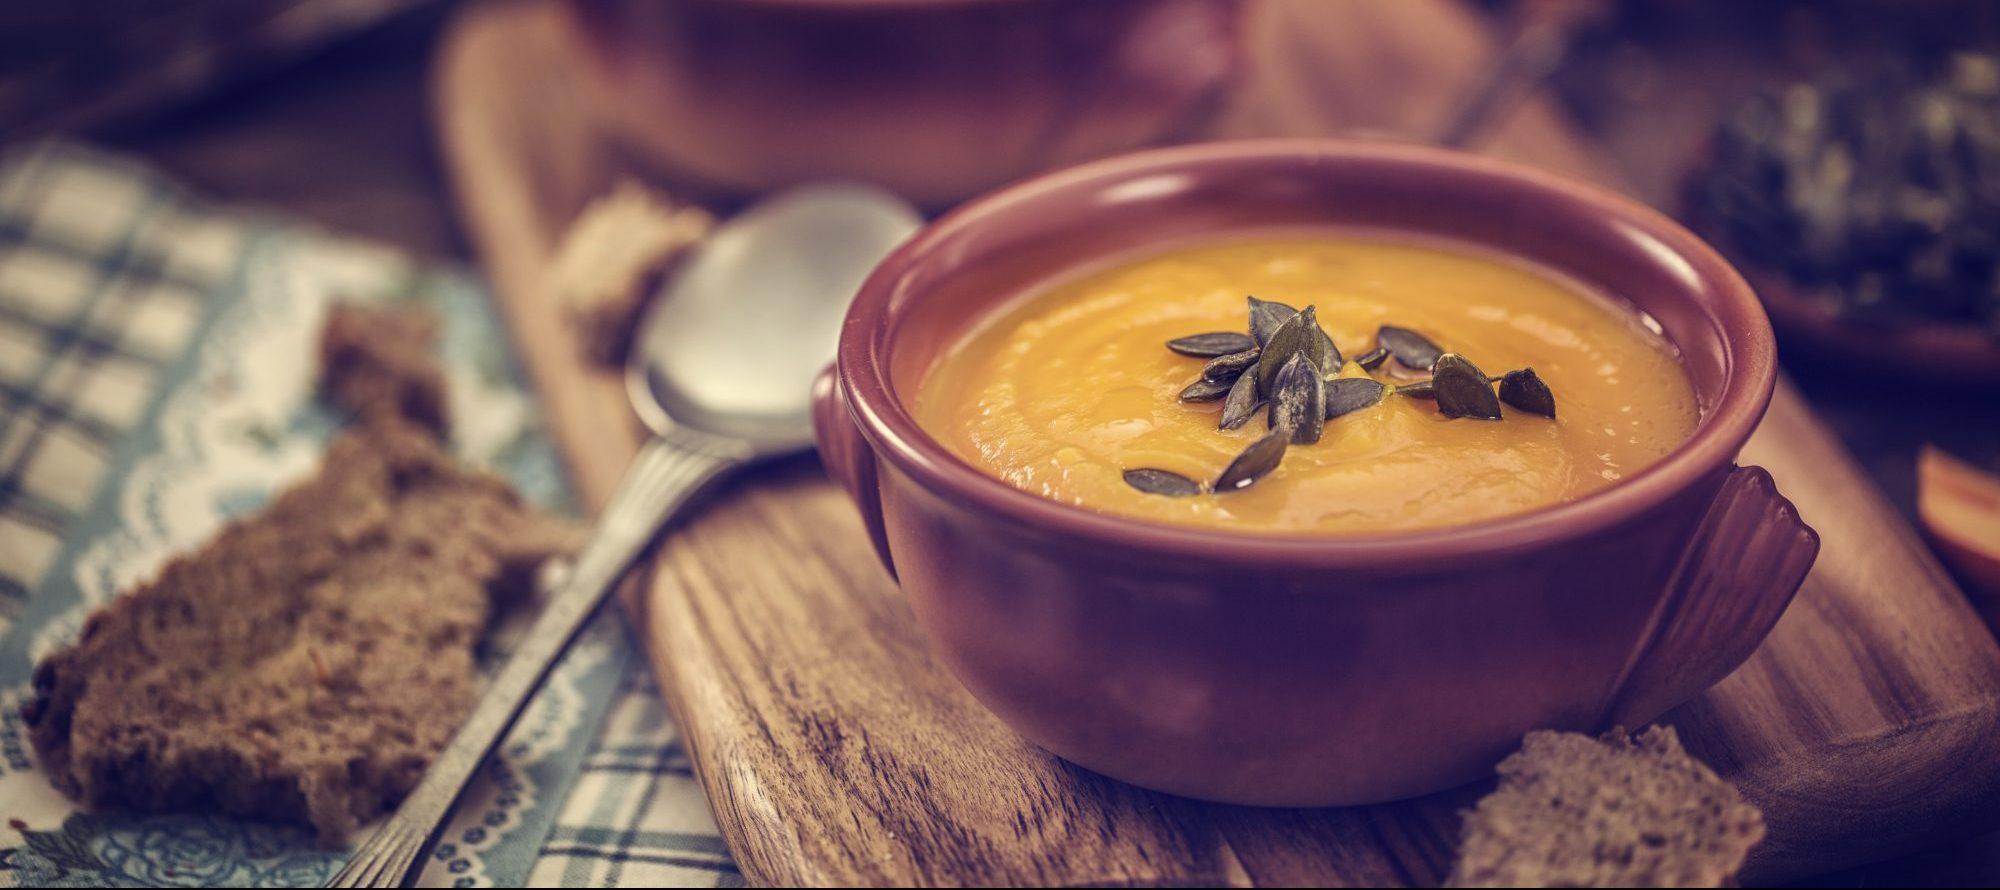 Rezepttipp: Halloween Kürbissuppe mit einem Netz aus saurer Sahne